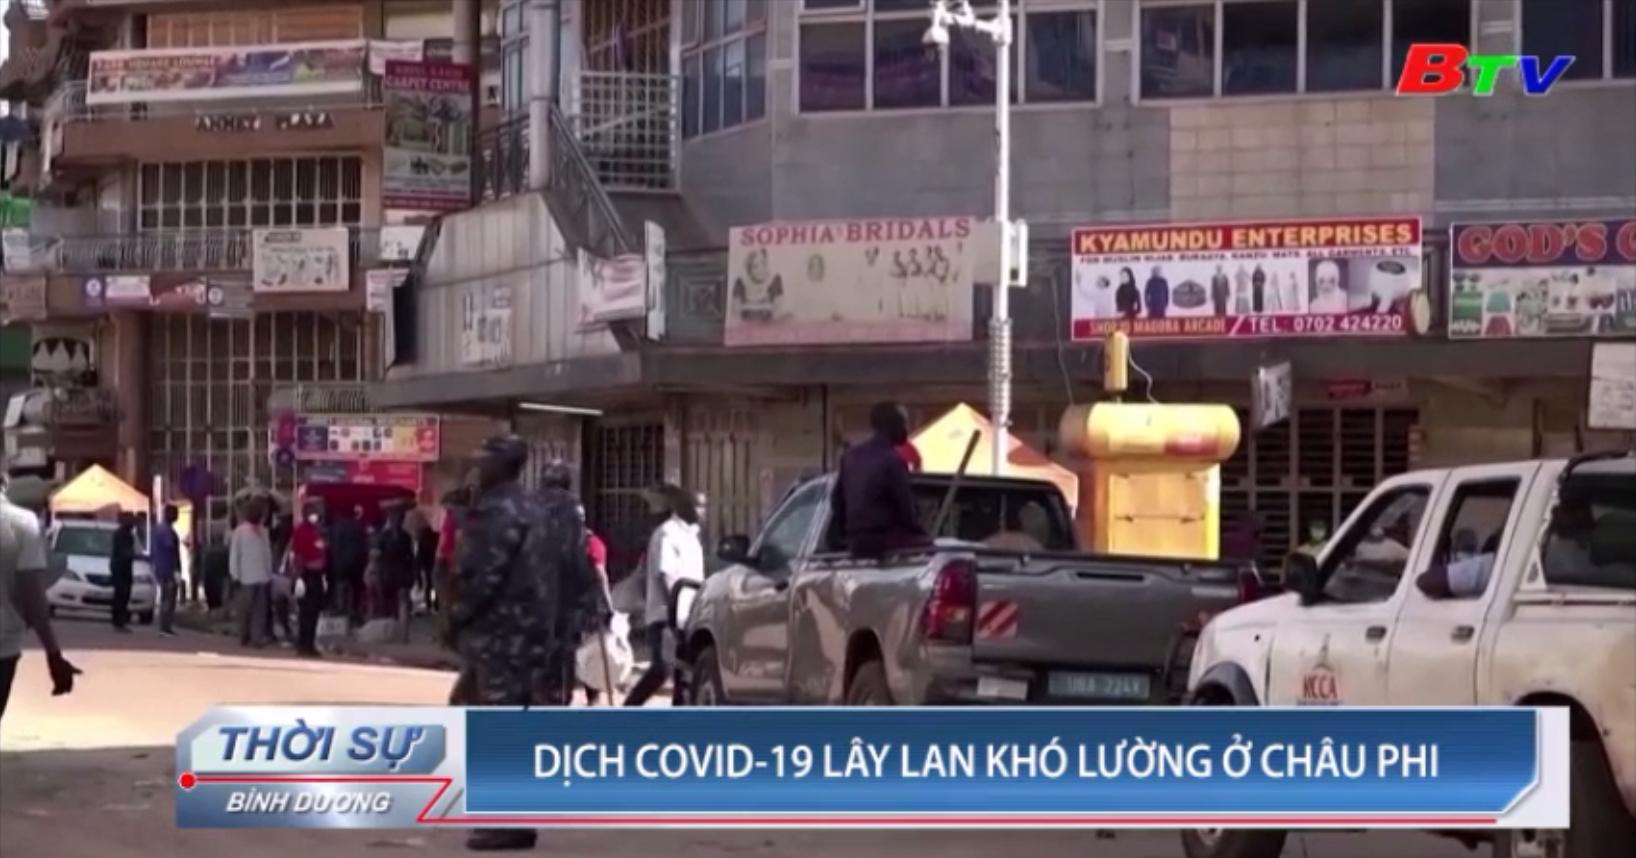 Dịch Covid-19 lây lan khó lường ở châu Phi